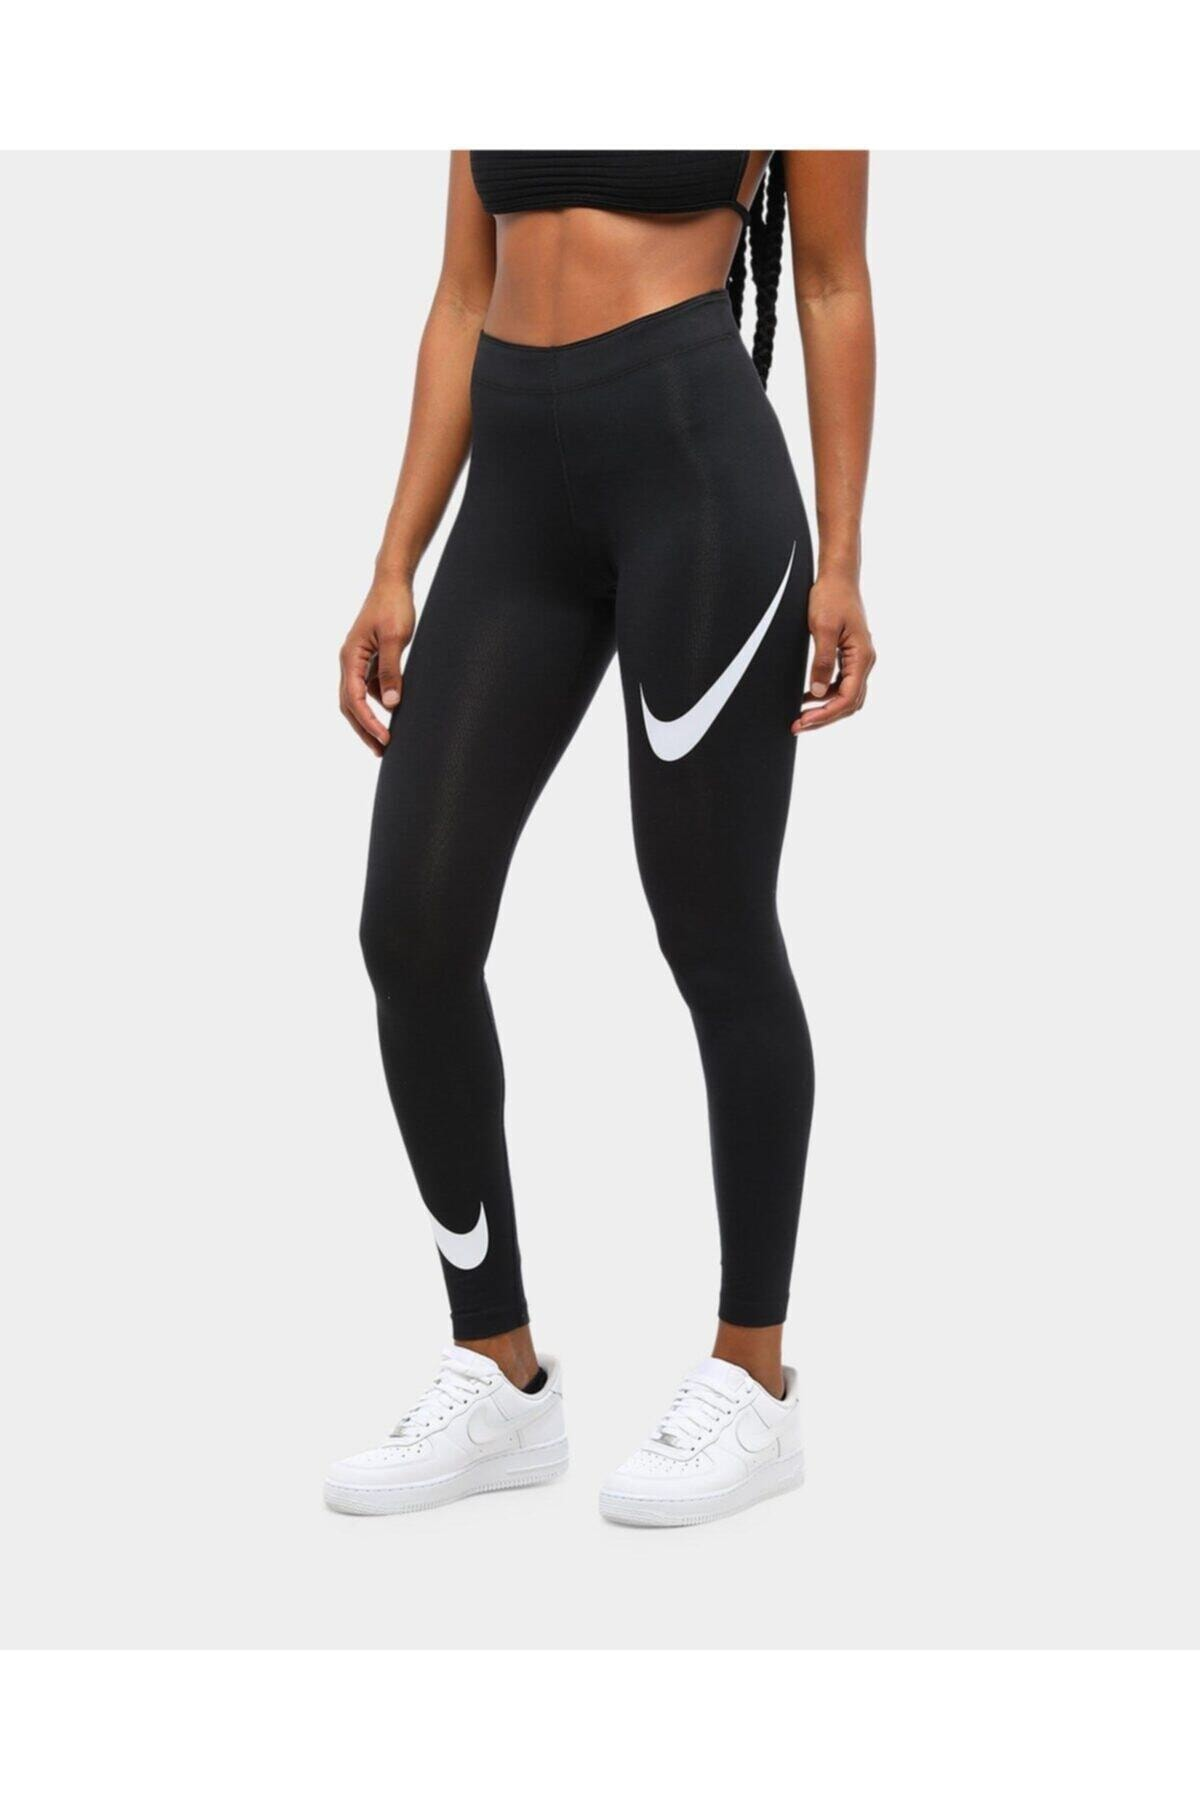 Siyah Kadın Spor Tayt - Kadın Sportswear Leg-a-see Swoosh Tayt - Db3896-010